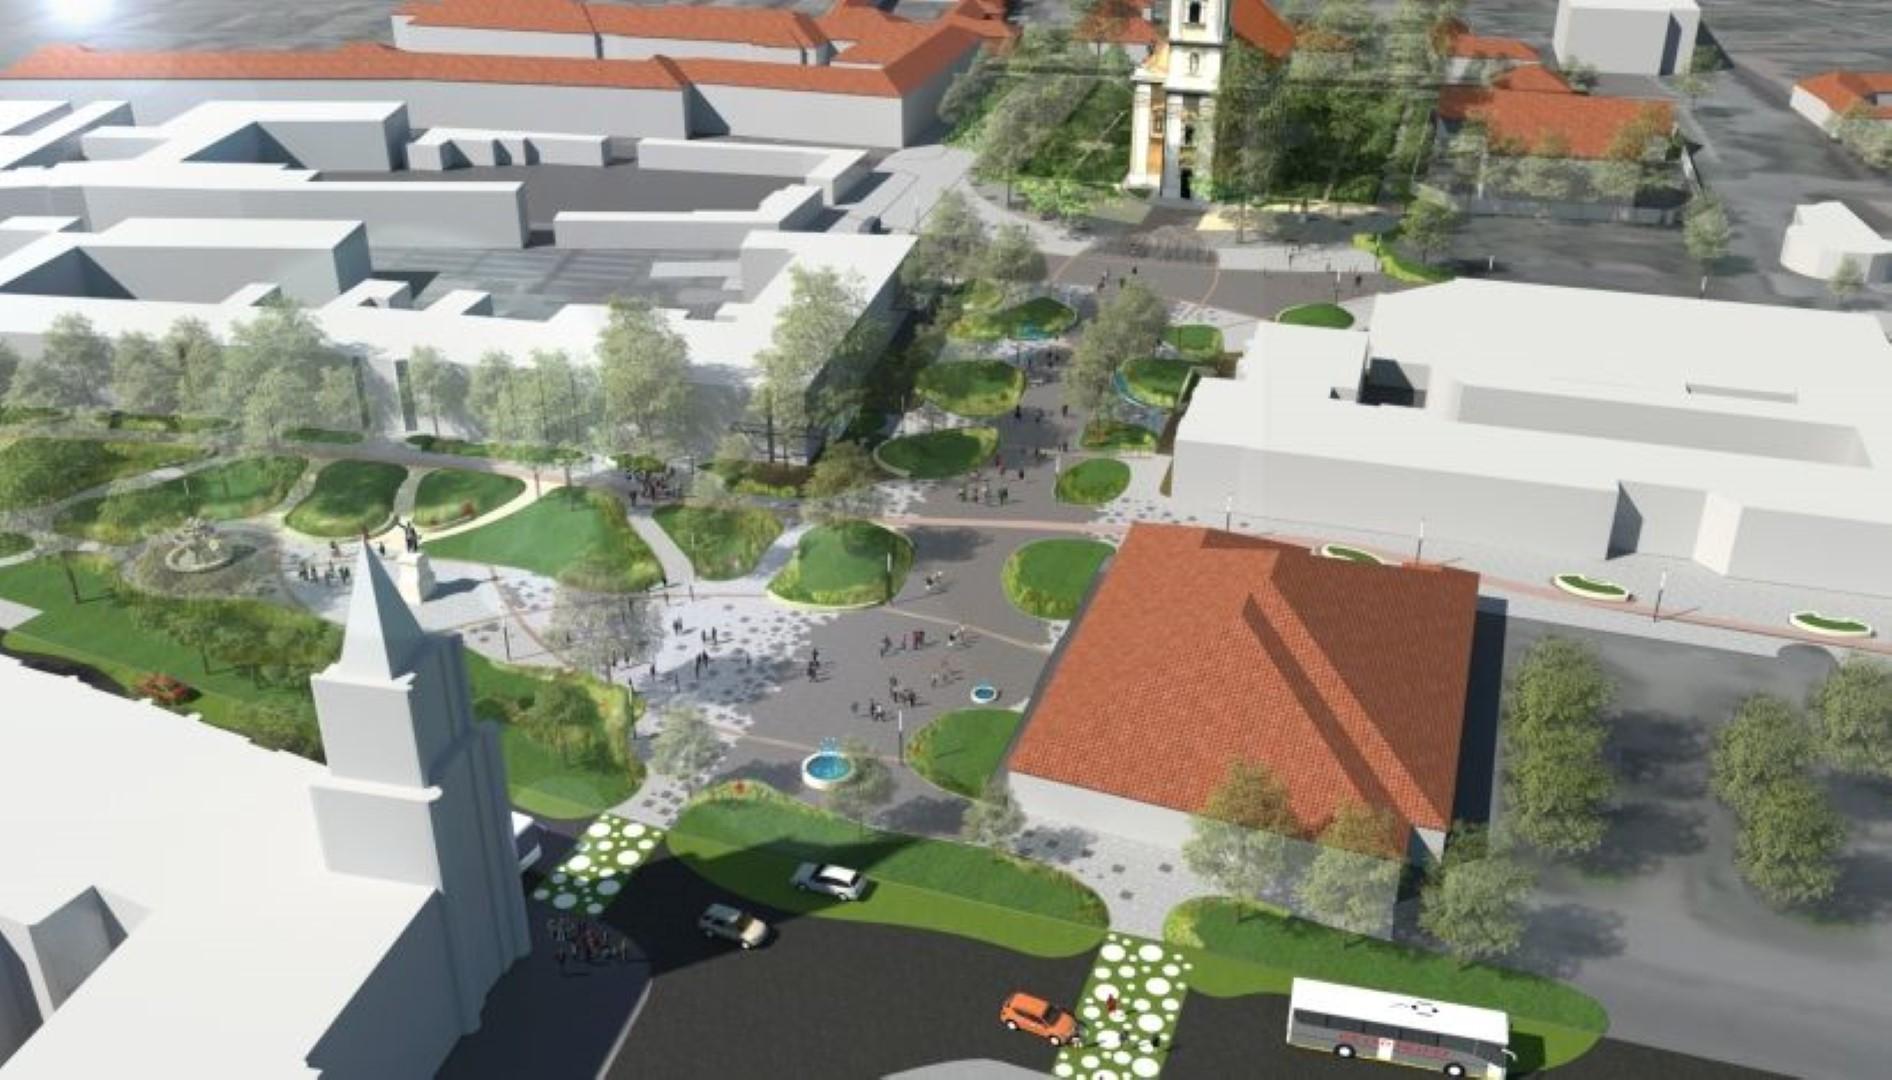 Megkezdték a Zöld város kivitelezési munkálatait Félegyházán